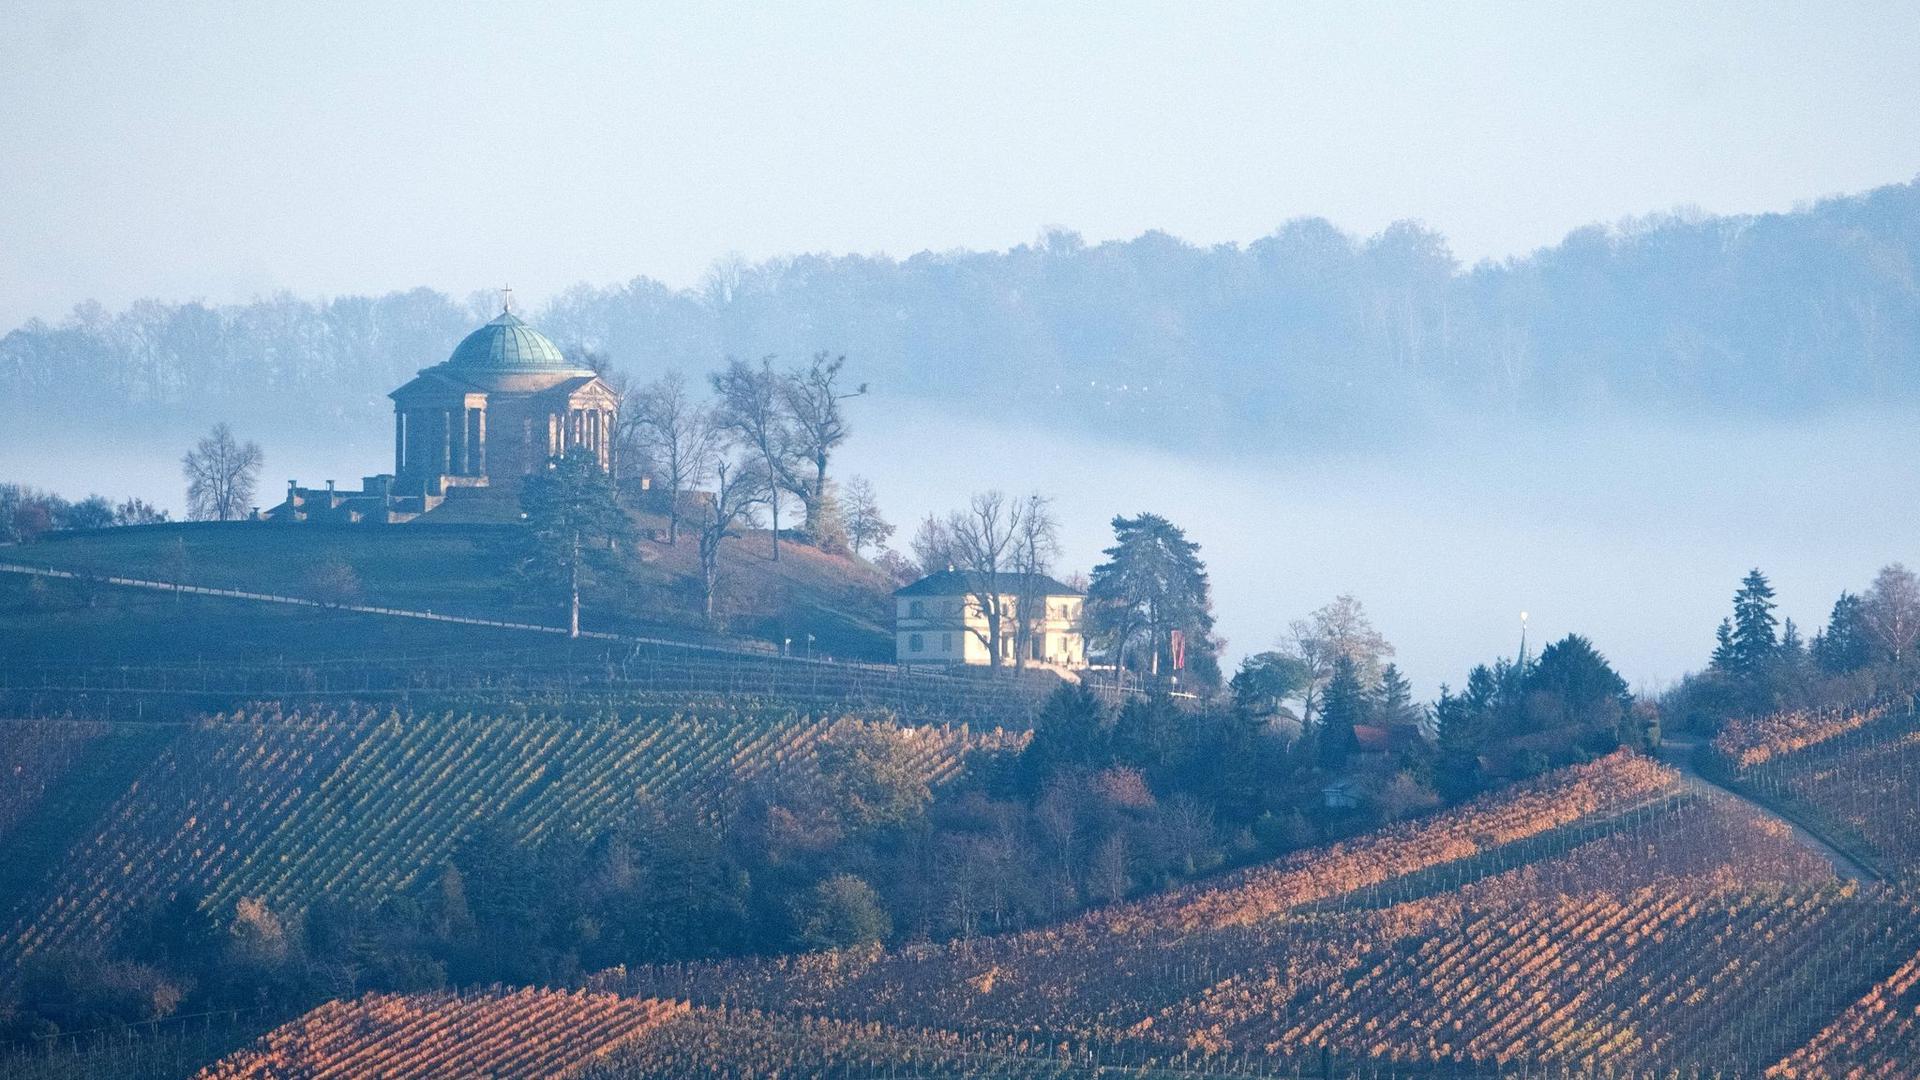 Nebelschwaden ziehen im Tal an der Grabkapelle auf dem Württemberg im Morgenlicht.